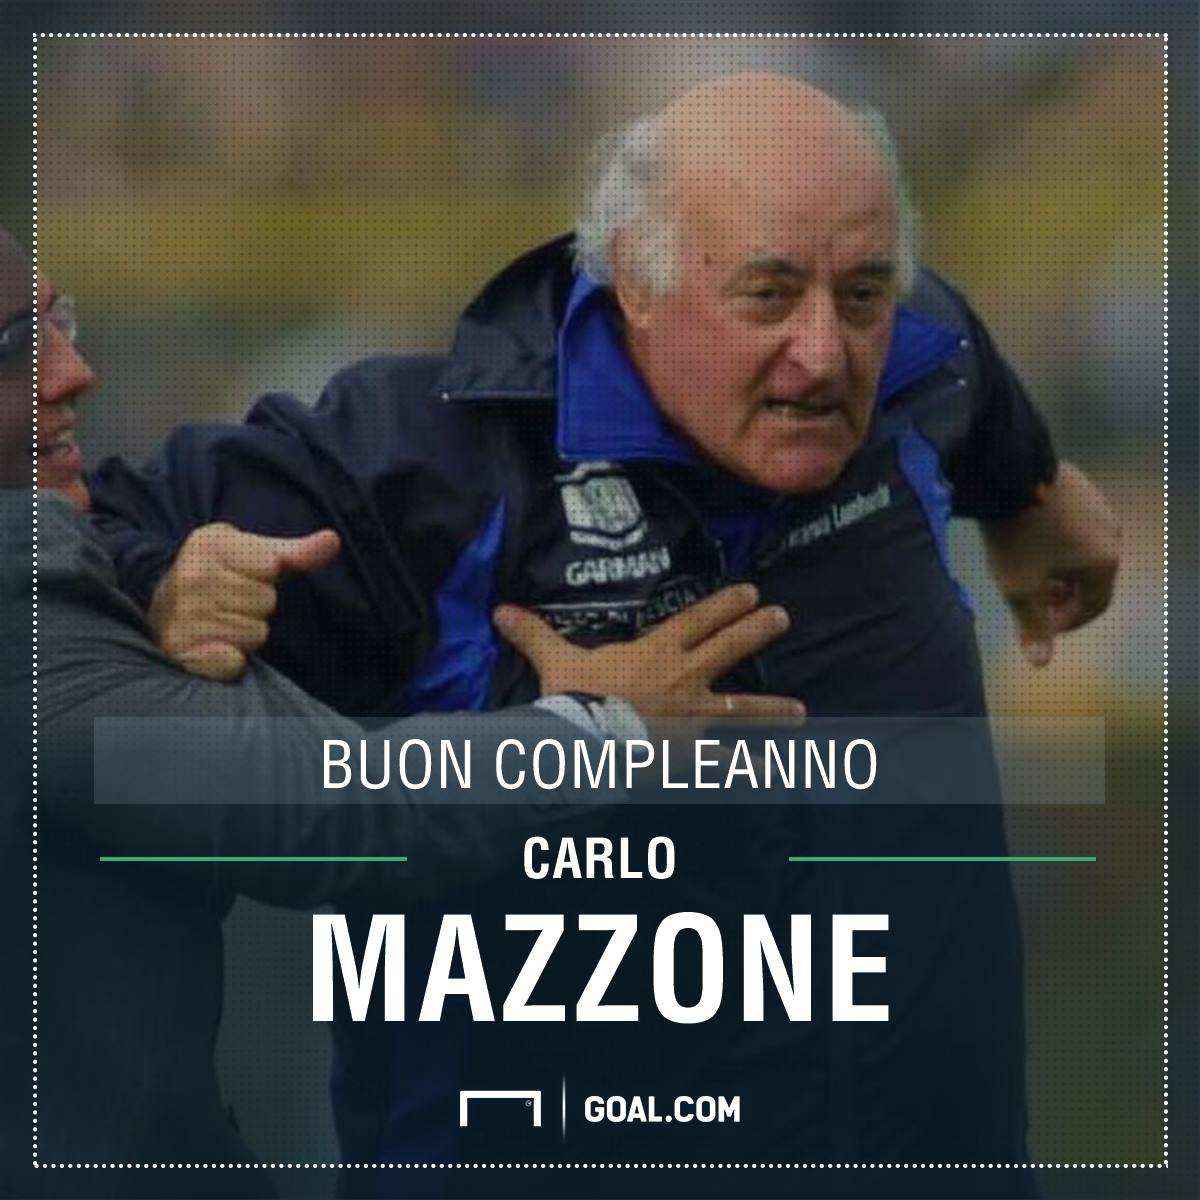 Compleanno Mazzone PS ita